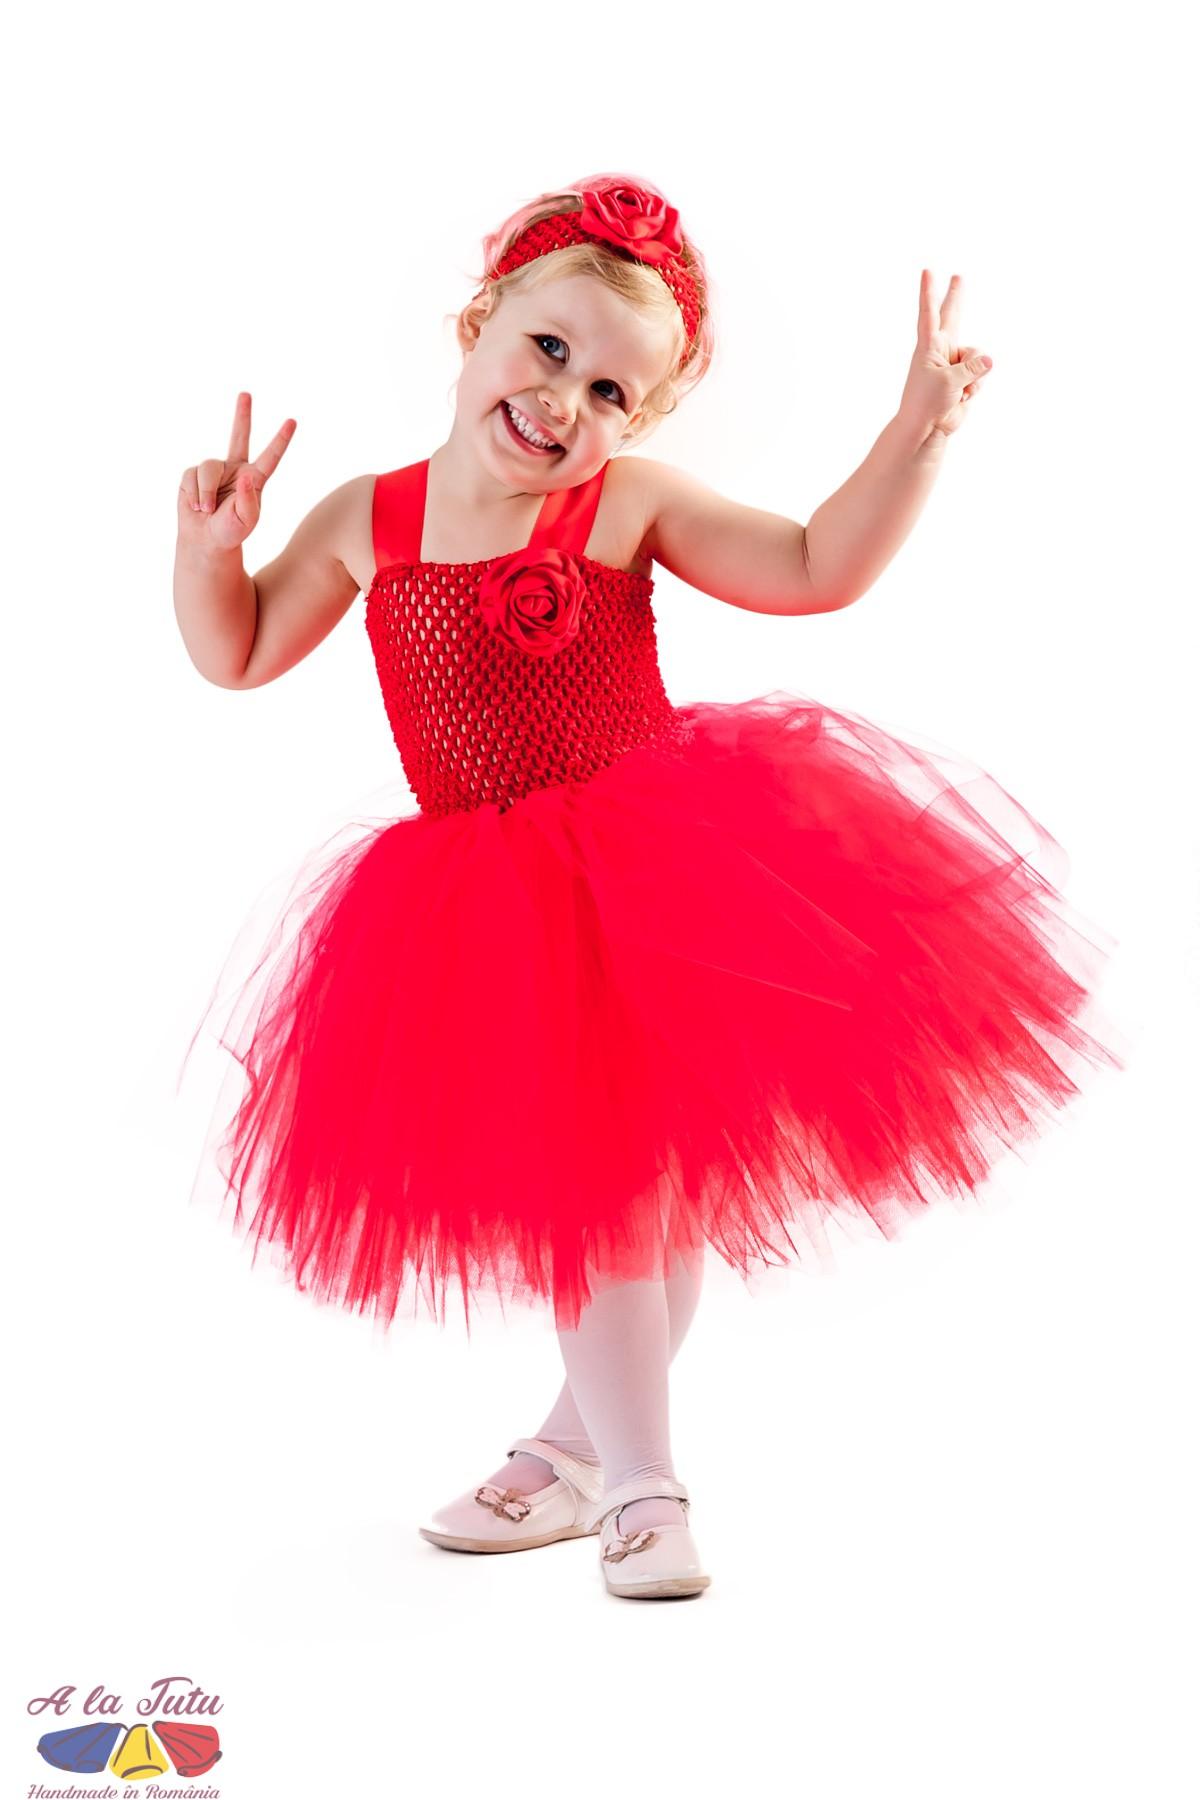 Rochita tutu Lady in red